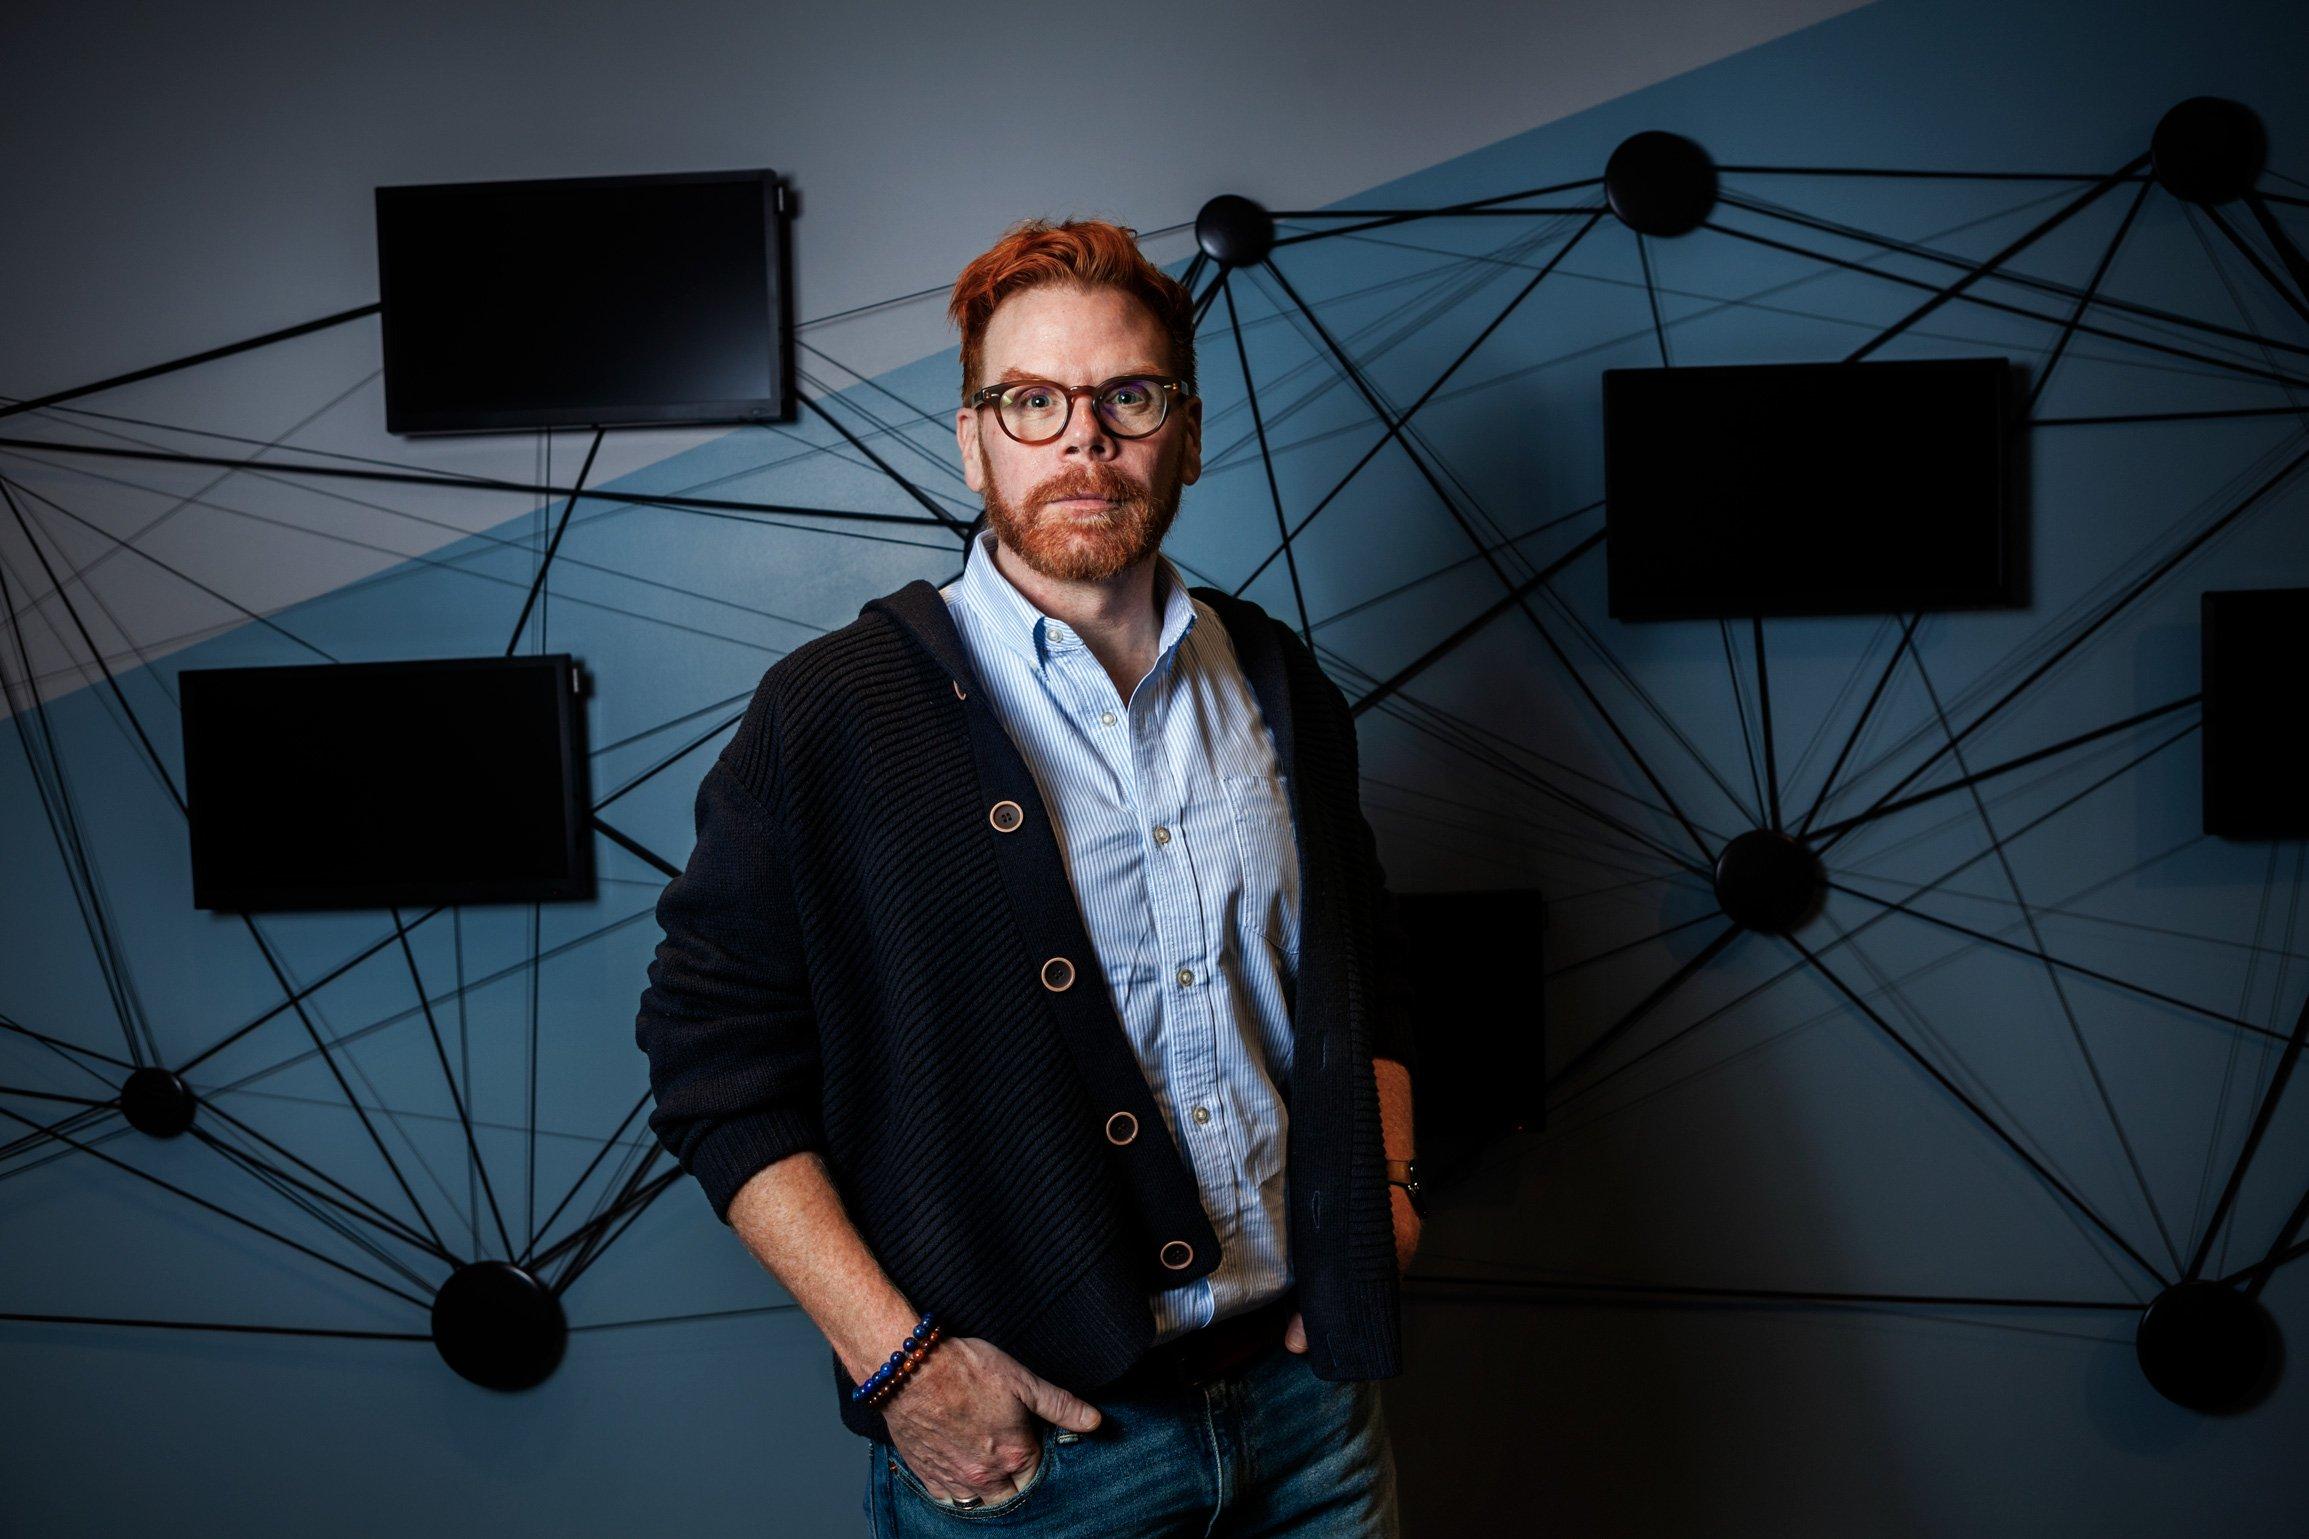 Швед с уникальной памятью и самый «подключенный» человек выступят на фестивале биохакинга в Москве